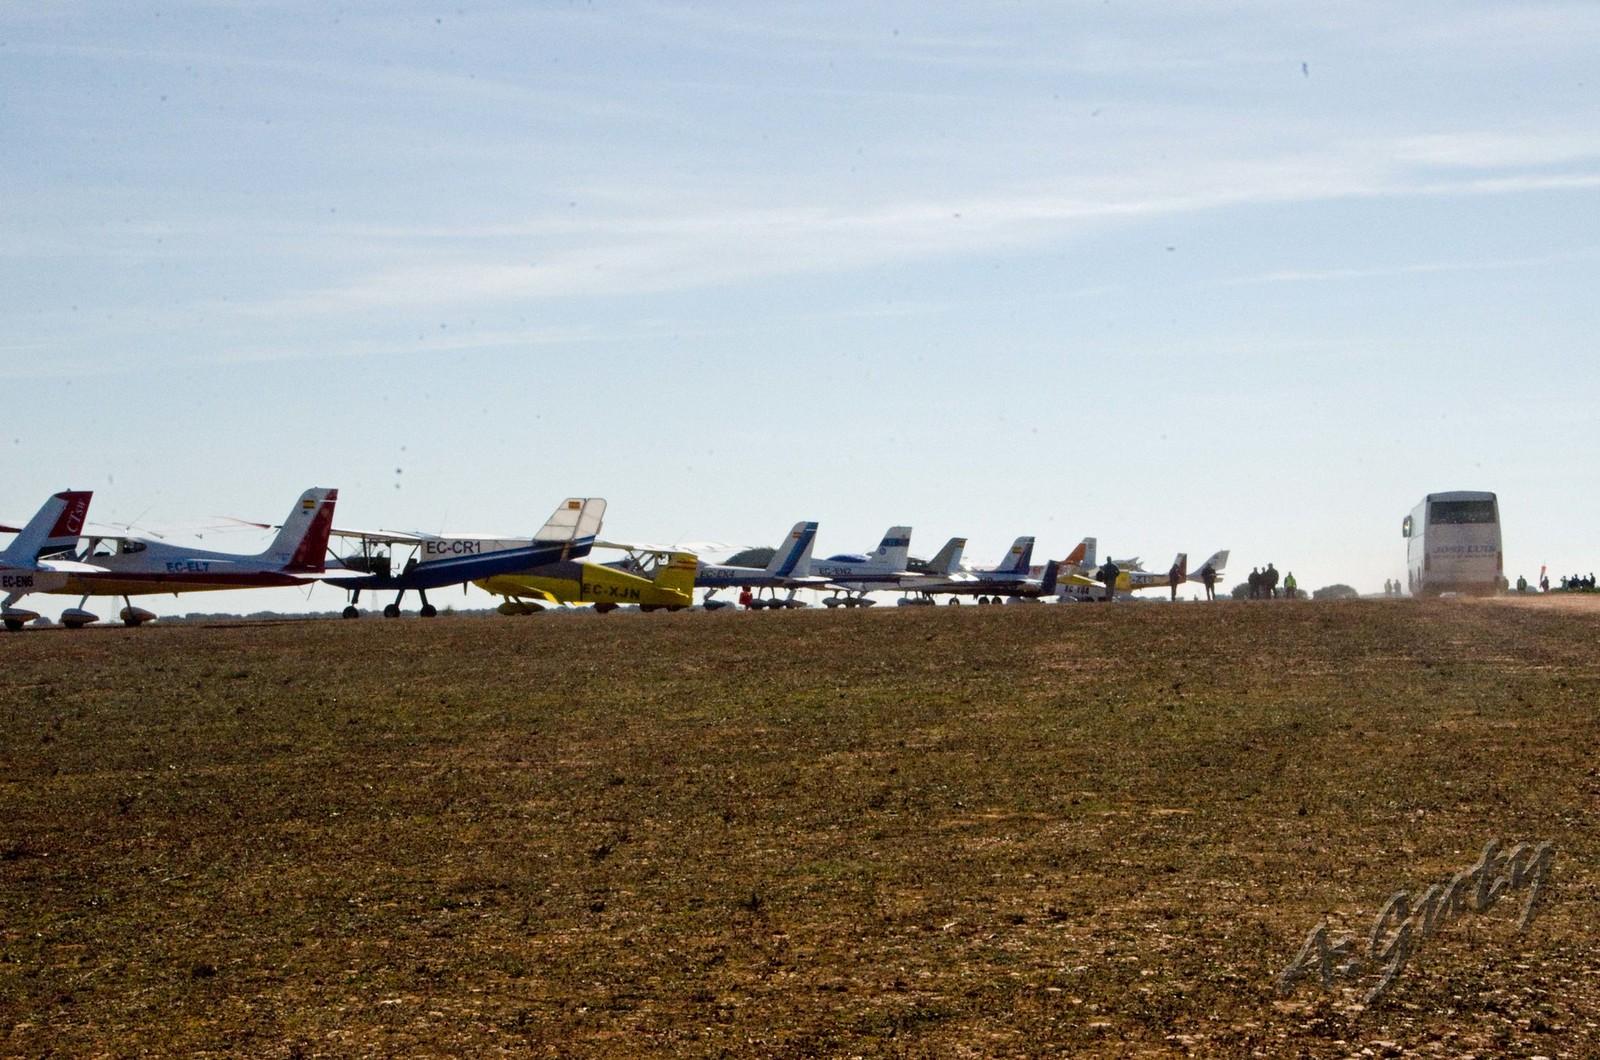 Ronda Aerea 2017 Aerodromo de Astorga (51)